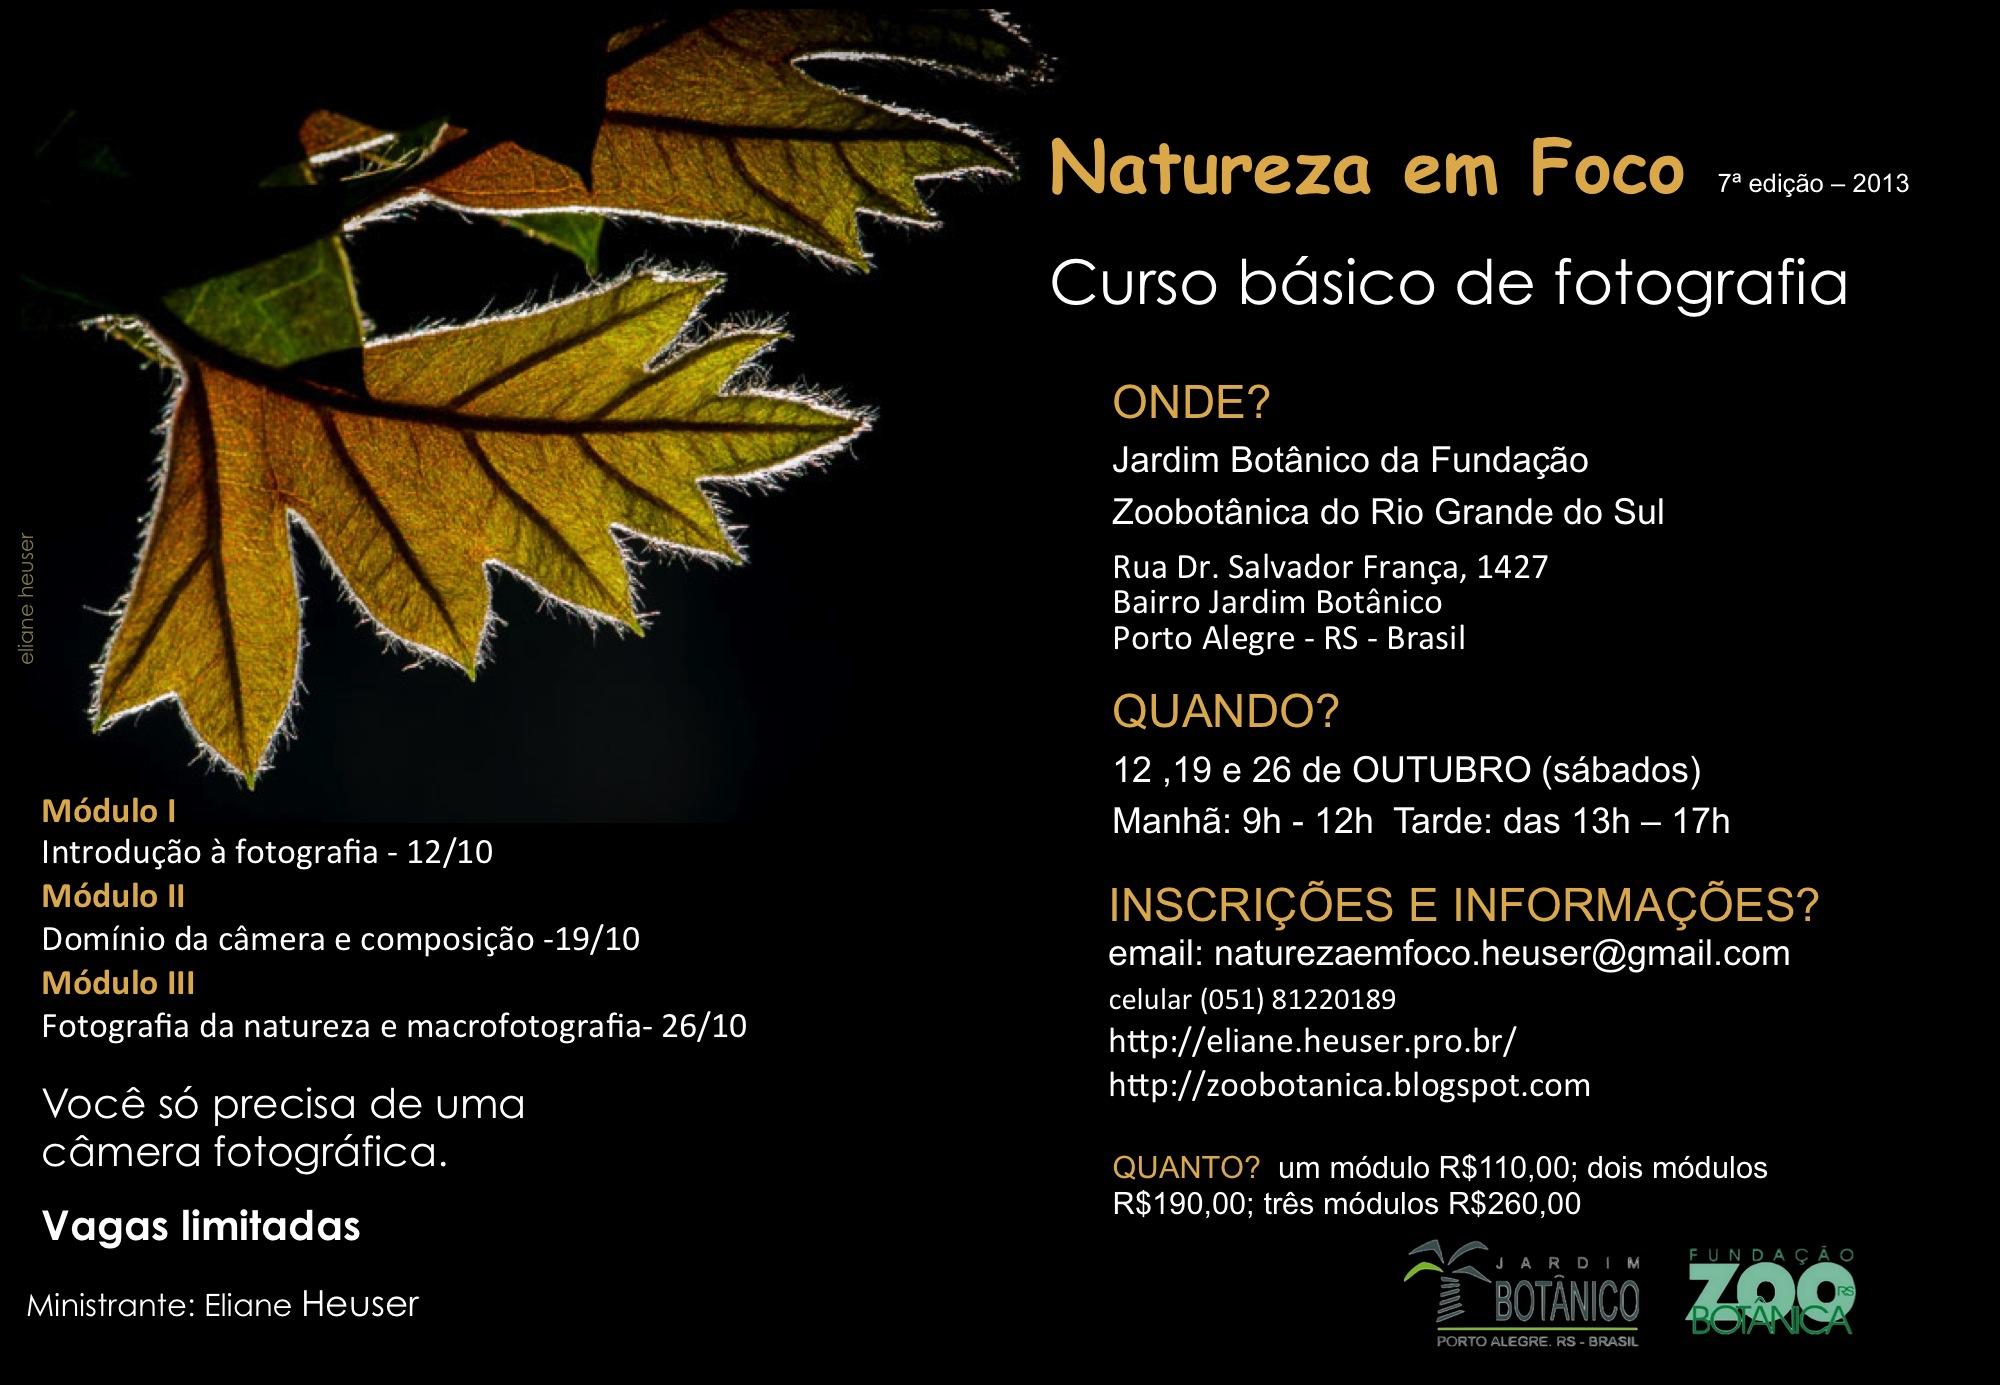 Curso de Fotografia Natureza em Foco 7ª edição